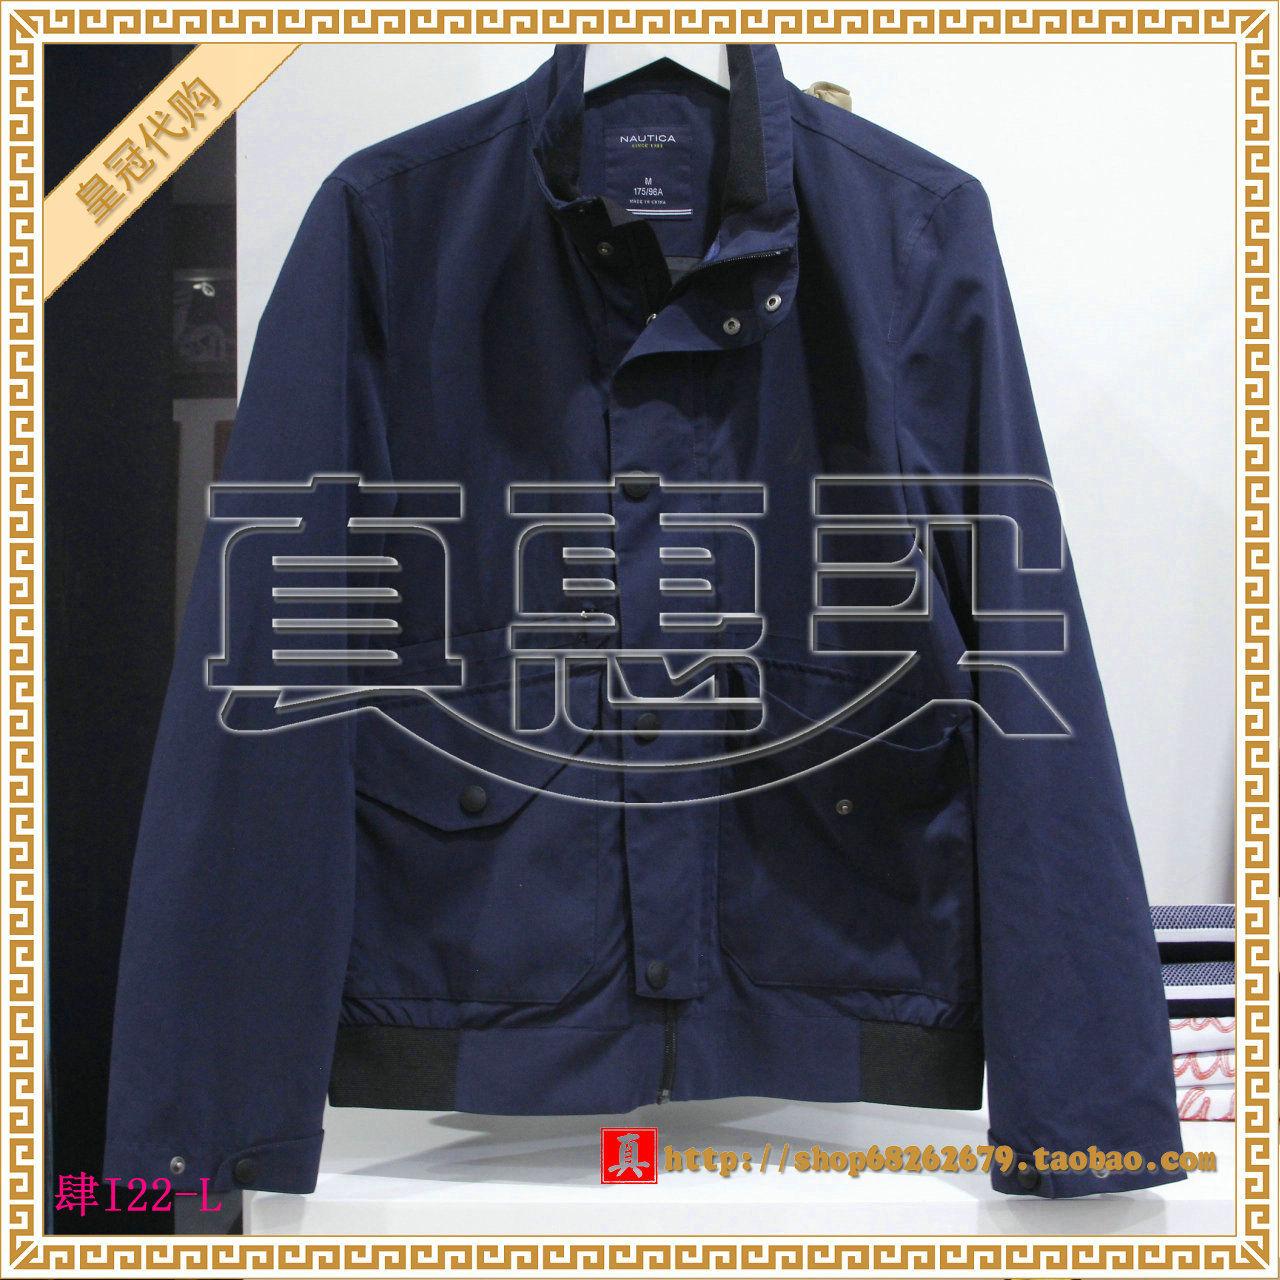 Куртка Nautica  14 1890 J43225-4NV куртка nautica 15 jc51113